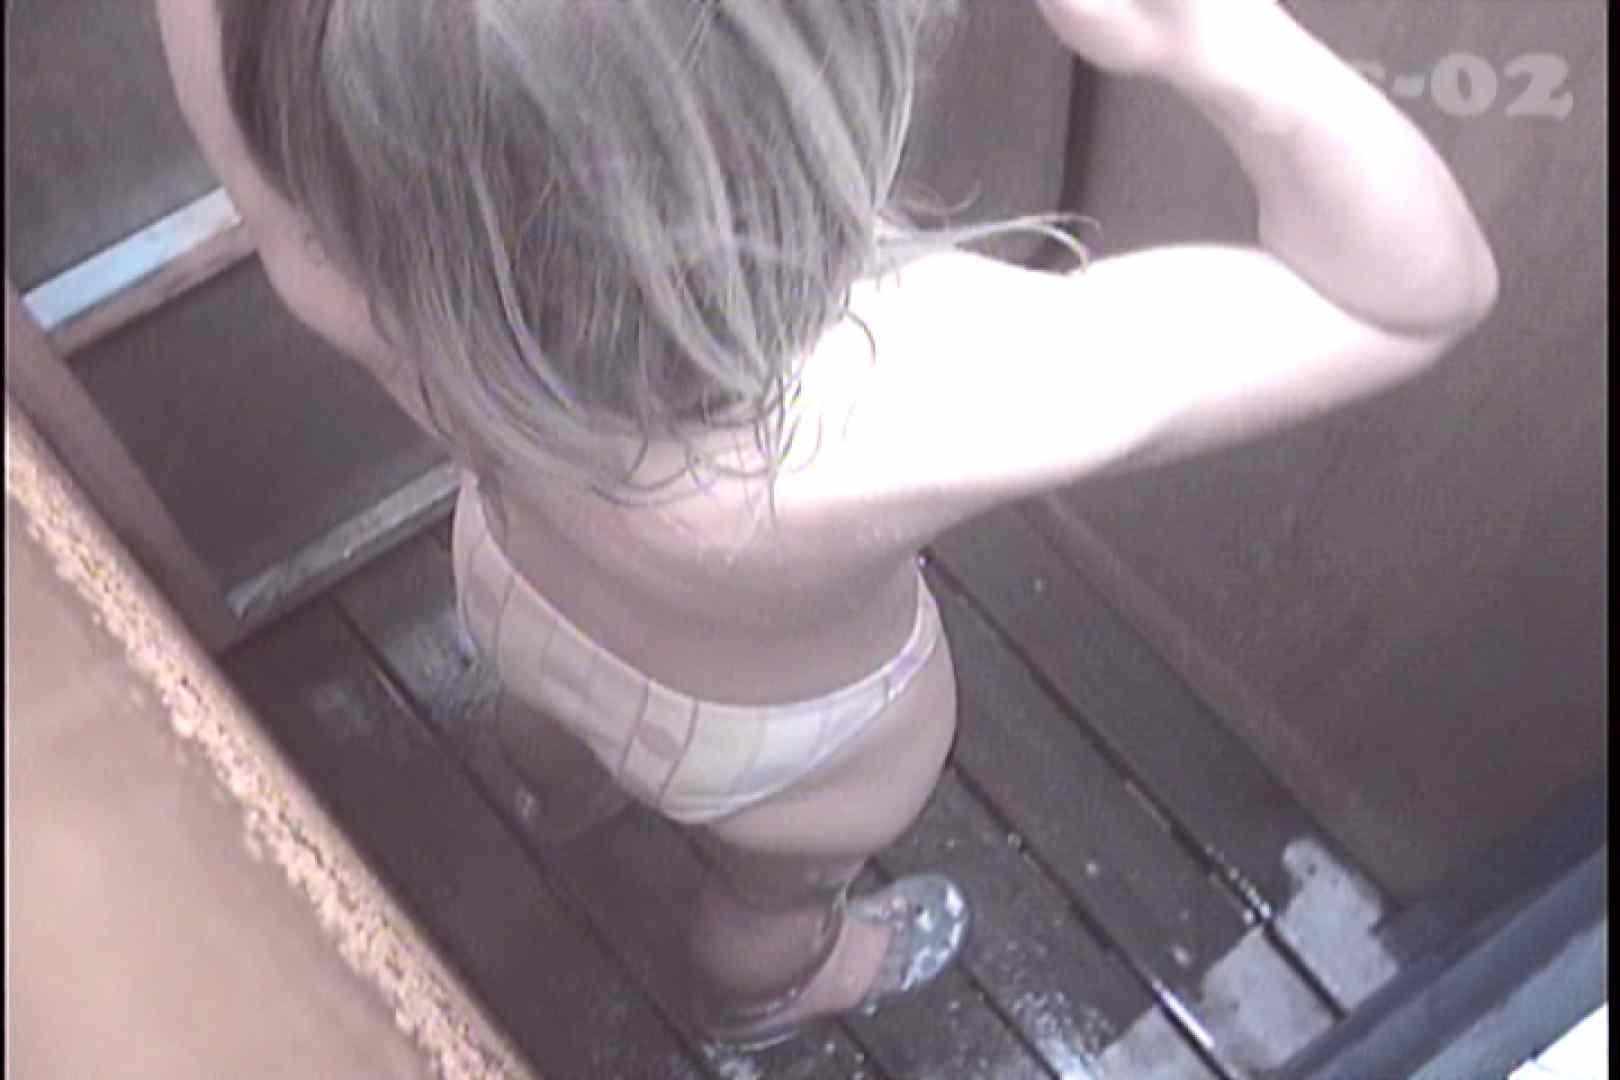 File.09 貧乳そして大きな乳首のお姉さん 貧乳   素人ハメ撮り  20pic 11